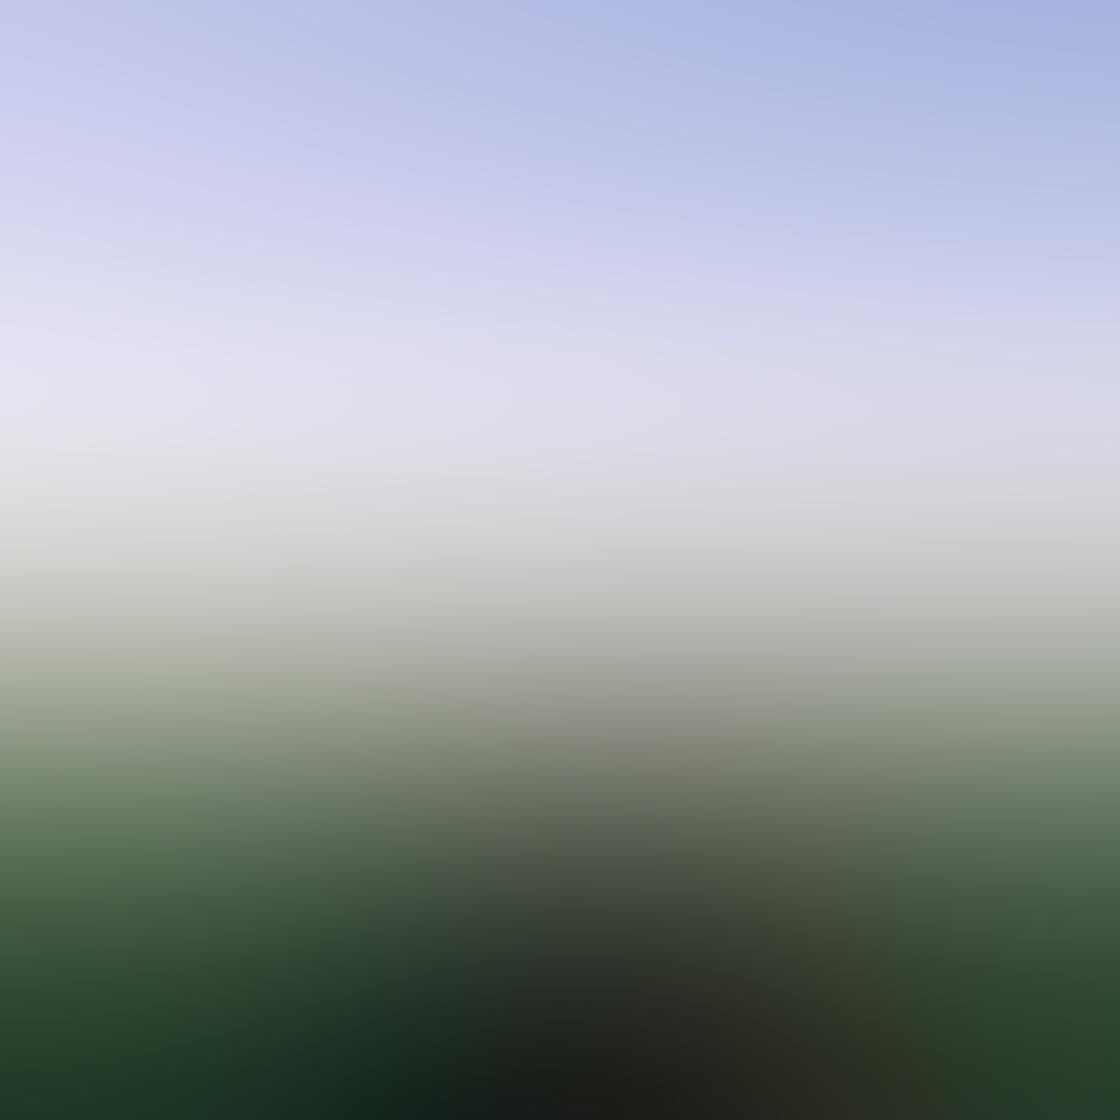 Landscapes iPhone Photos 4